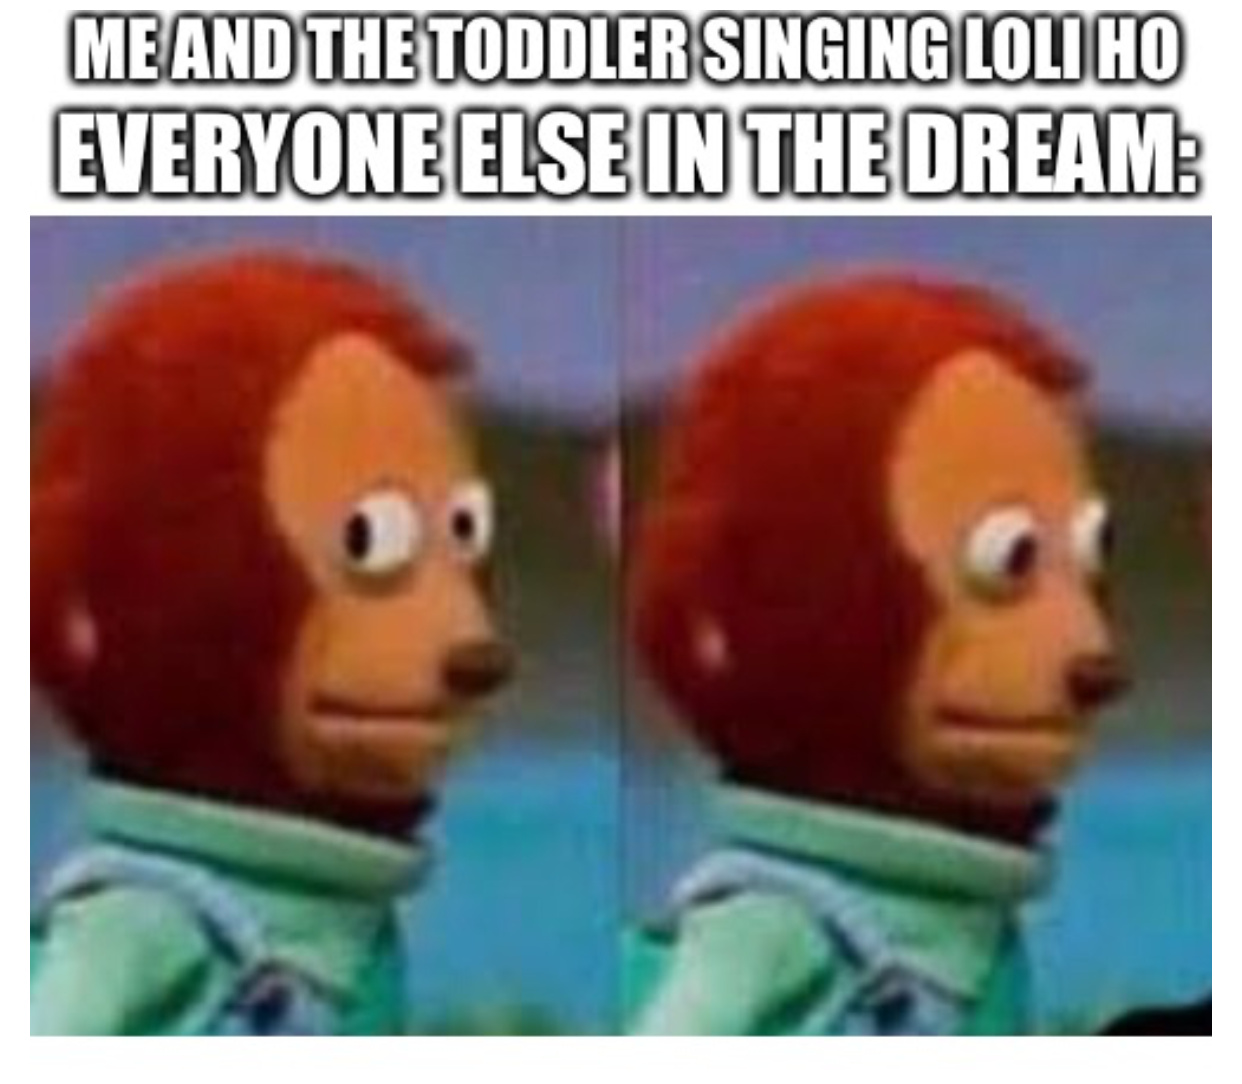 Loli-ho - meme